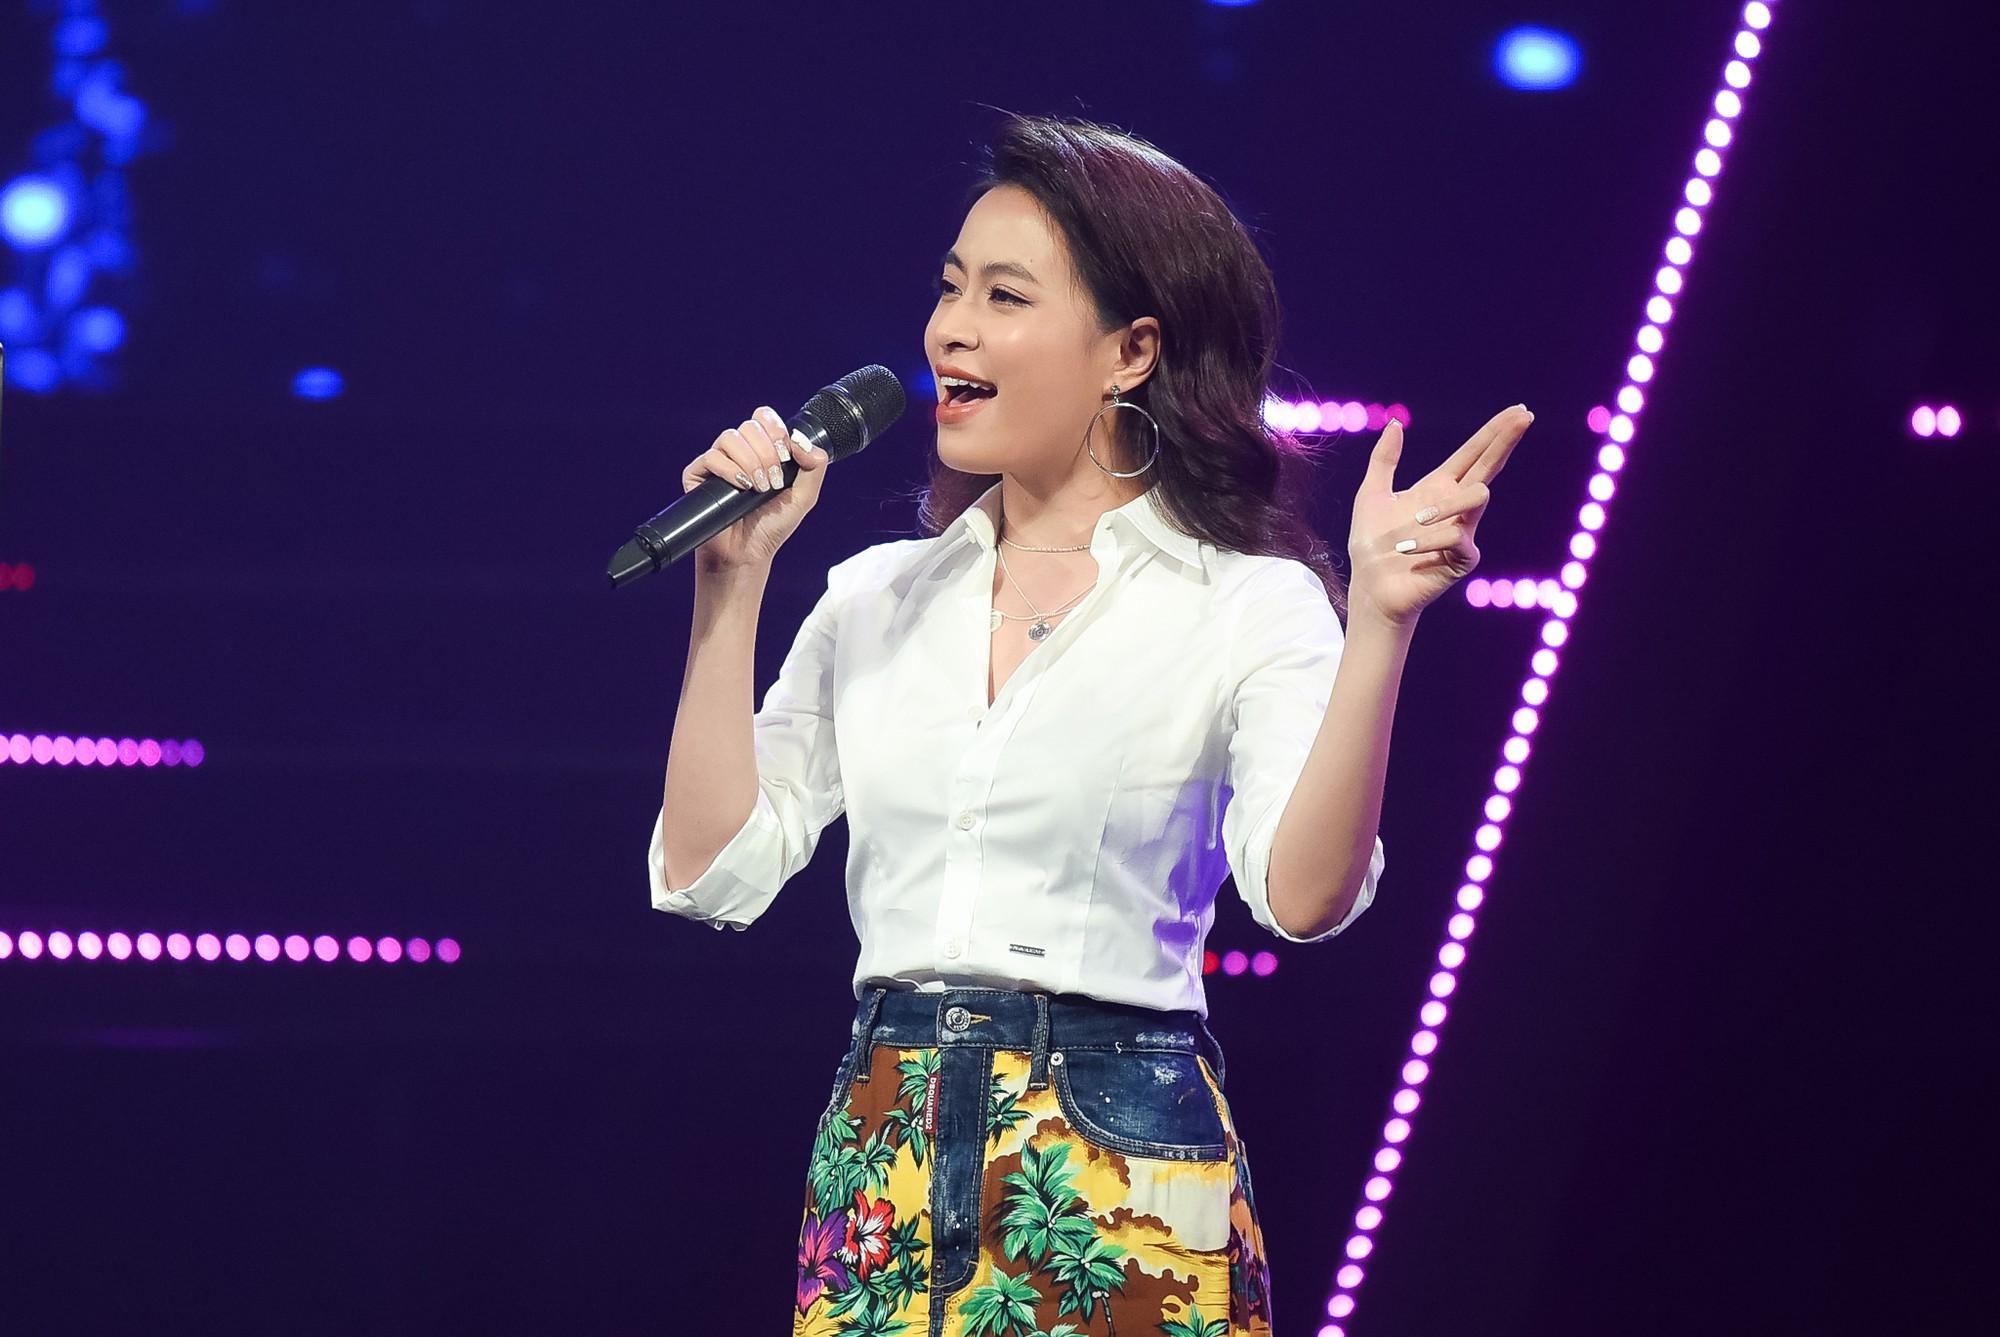 Hoàng Thùy Linh, Hương Tràm, Đức Phúc lần đầu hòa giọng tình cảm trong ca khúc chung - Ảnh 3.